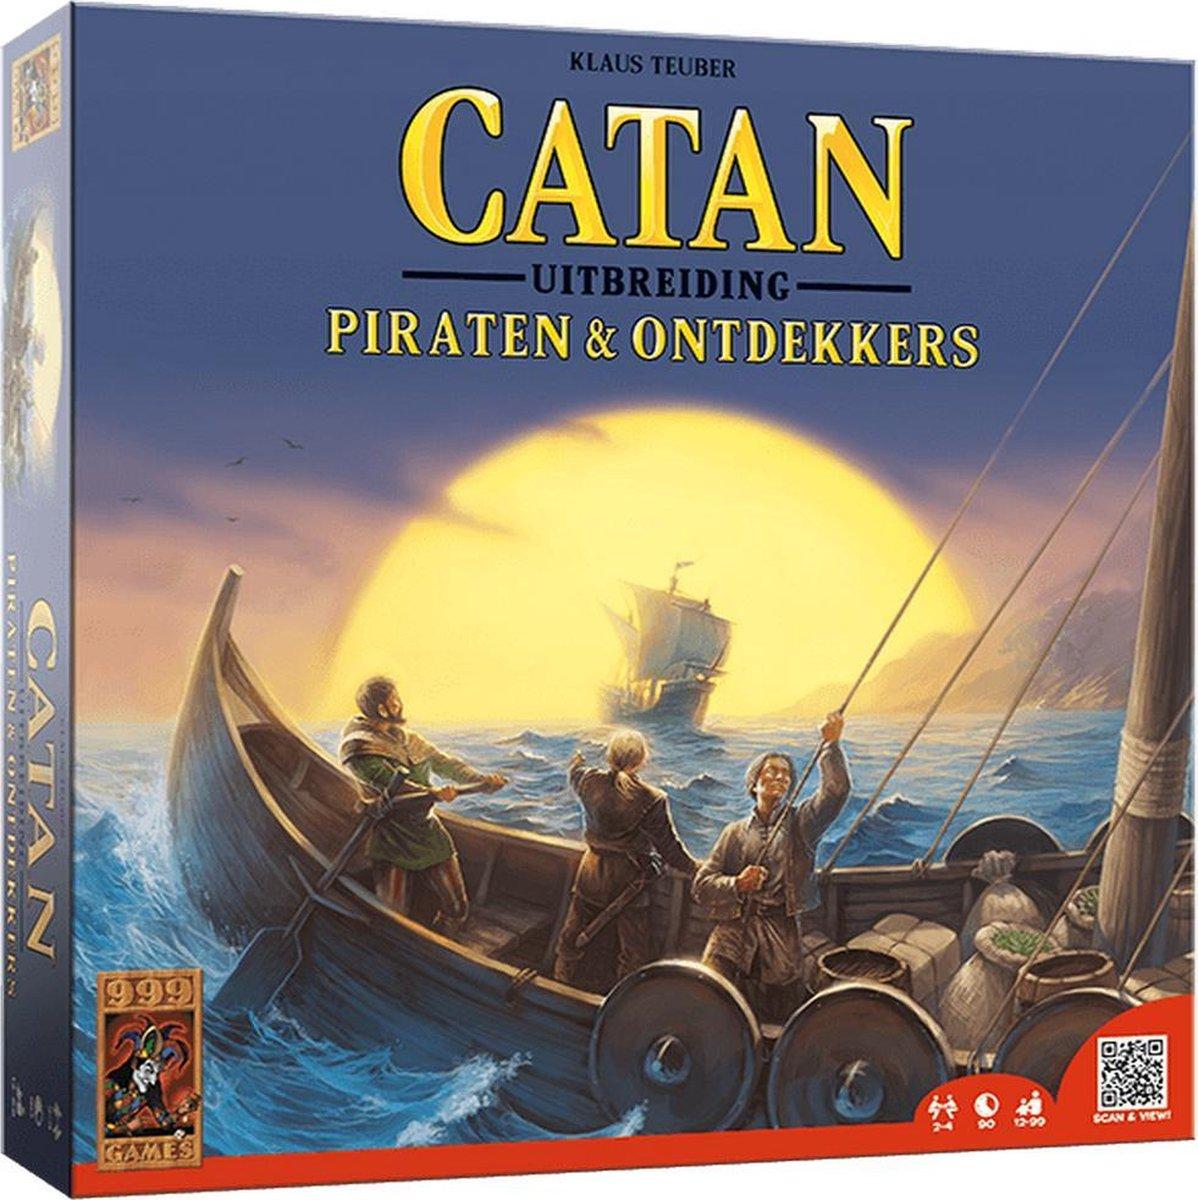 Catan: Piraten en Ontdekkers Bordspel